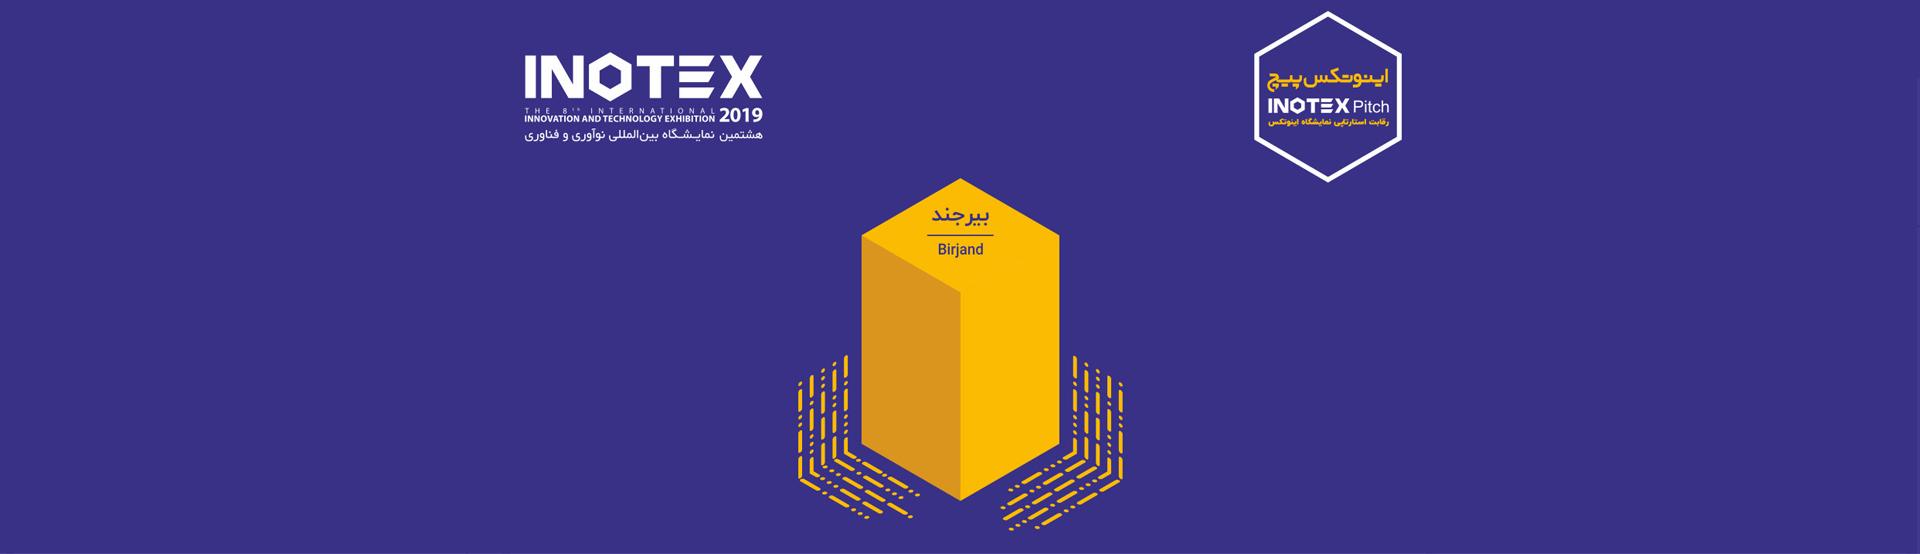 برگزاری رویداد اینوتکس پیچ در بیرجند